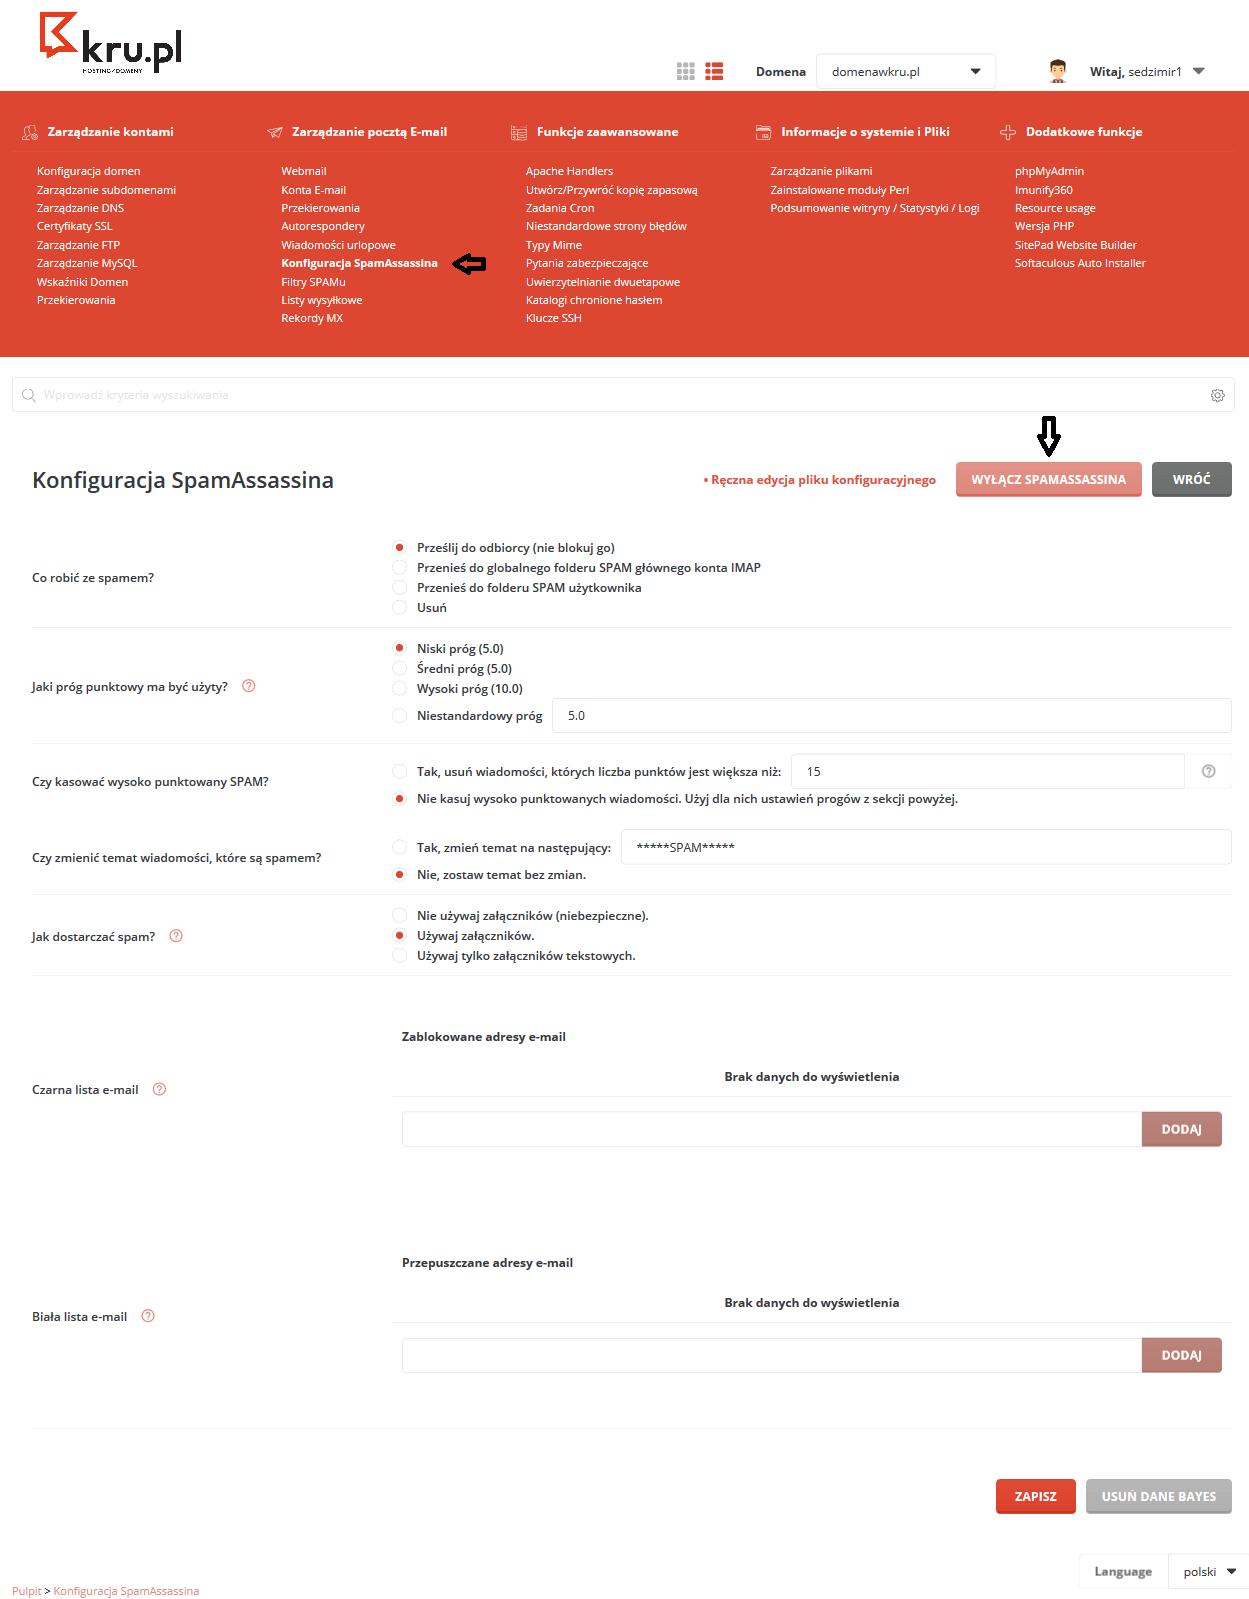 Konfiguracja SpamAssassin